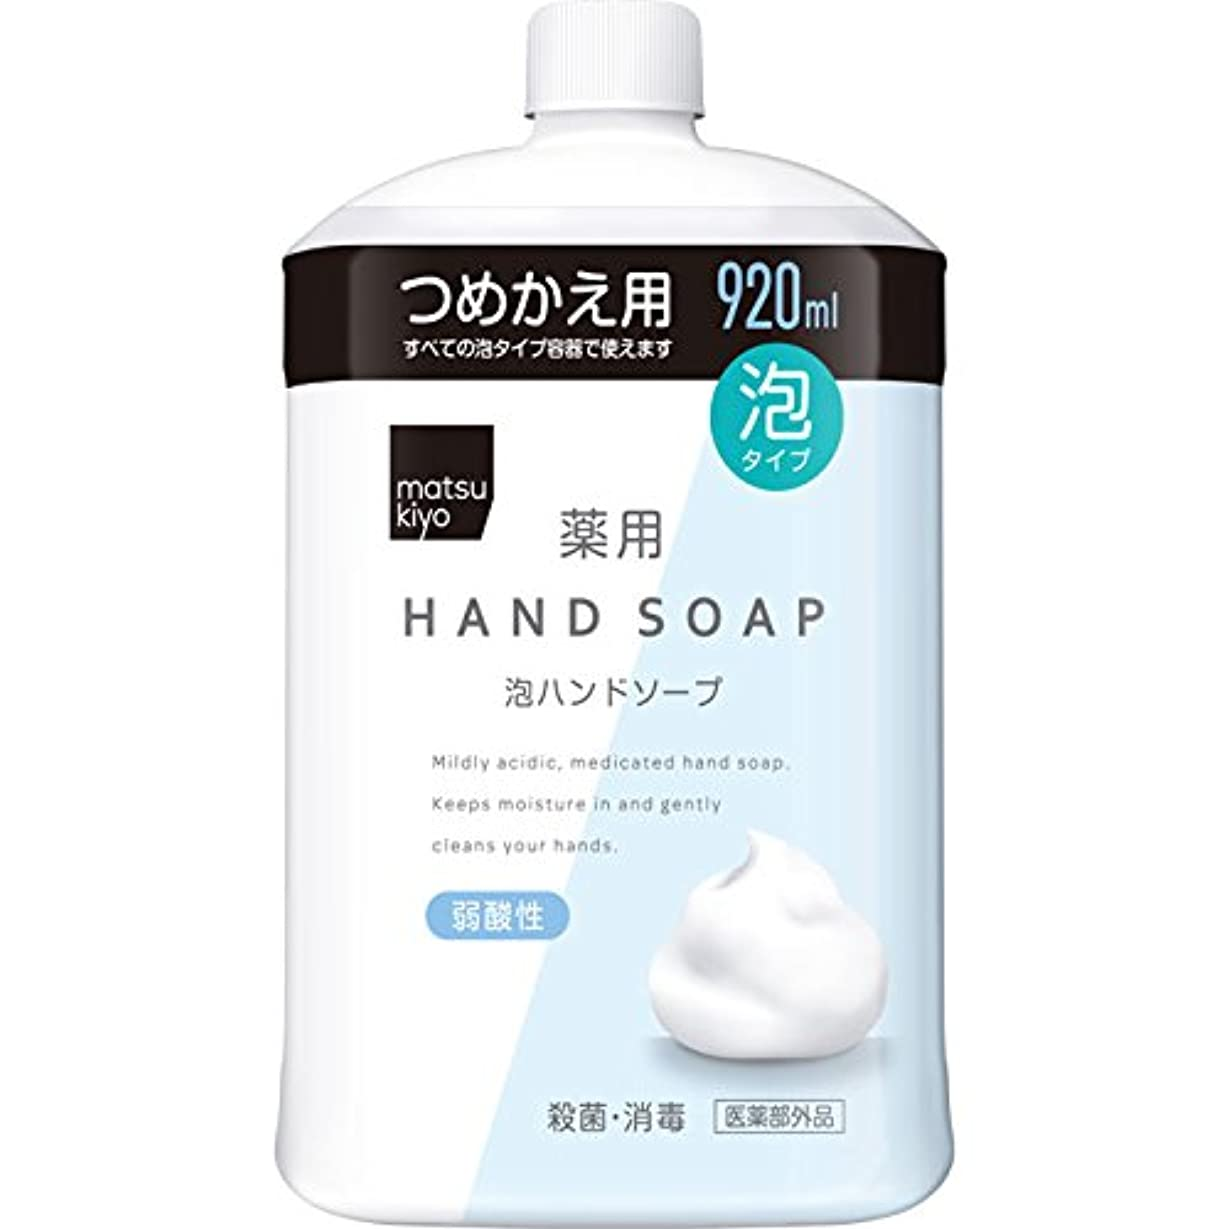 イーナ matsukiyo 薬用泡ハンドソープ 詰替 超特大 920ml(医薬部外品)